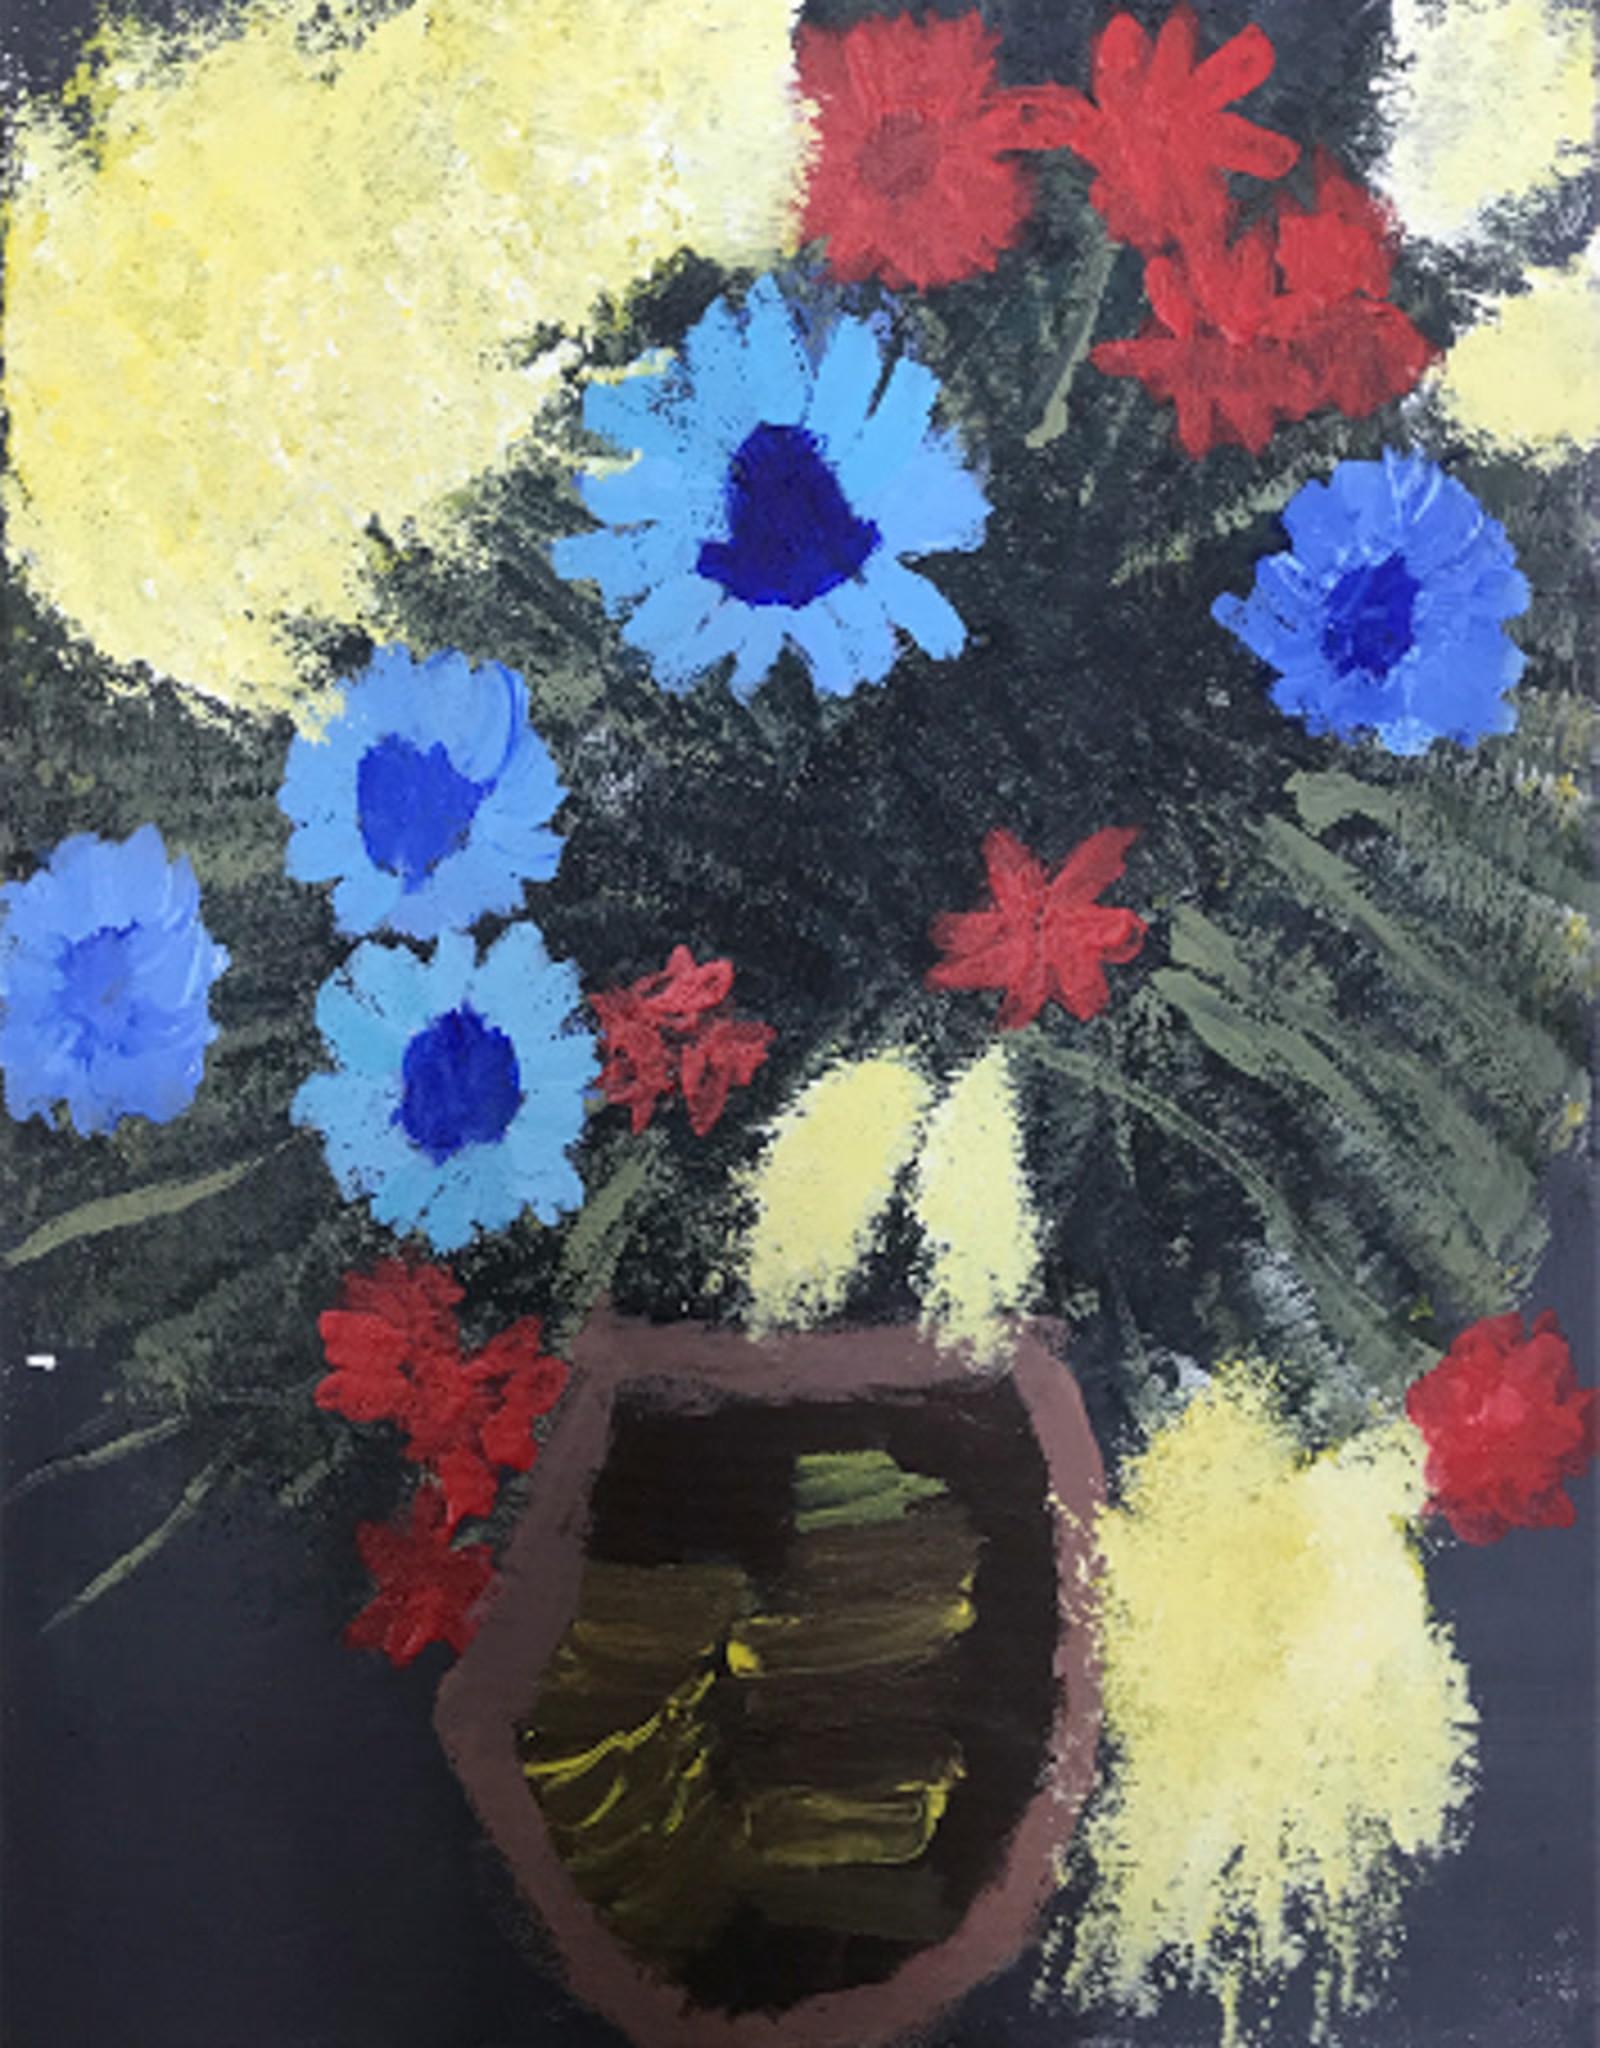 Create Greeting Card Vase of Flowers